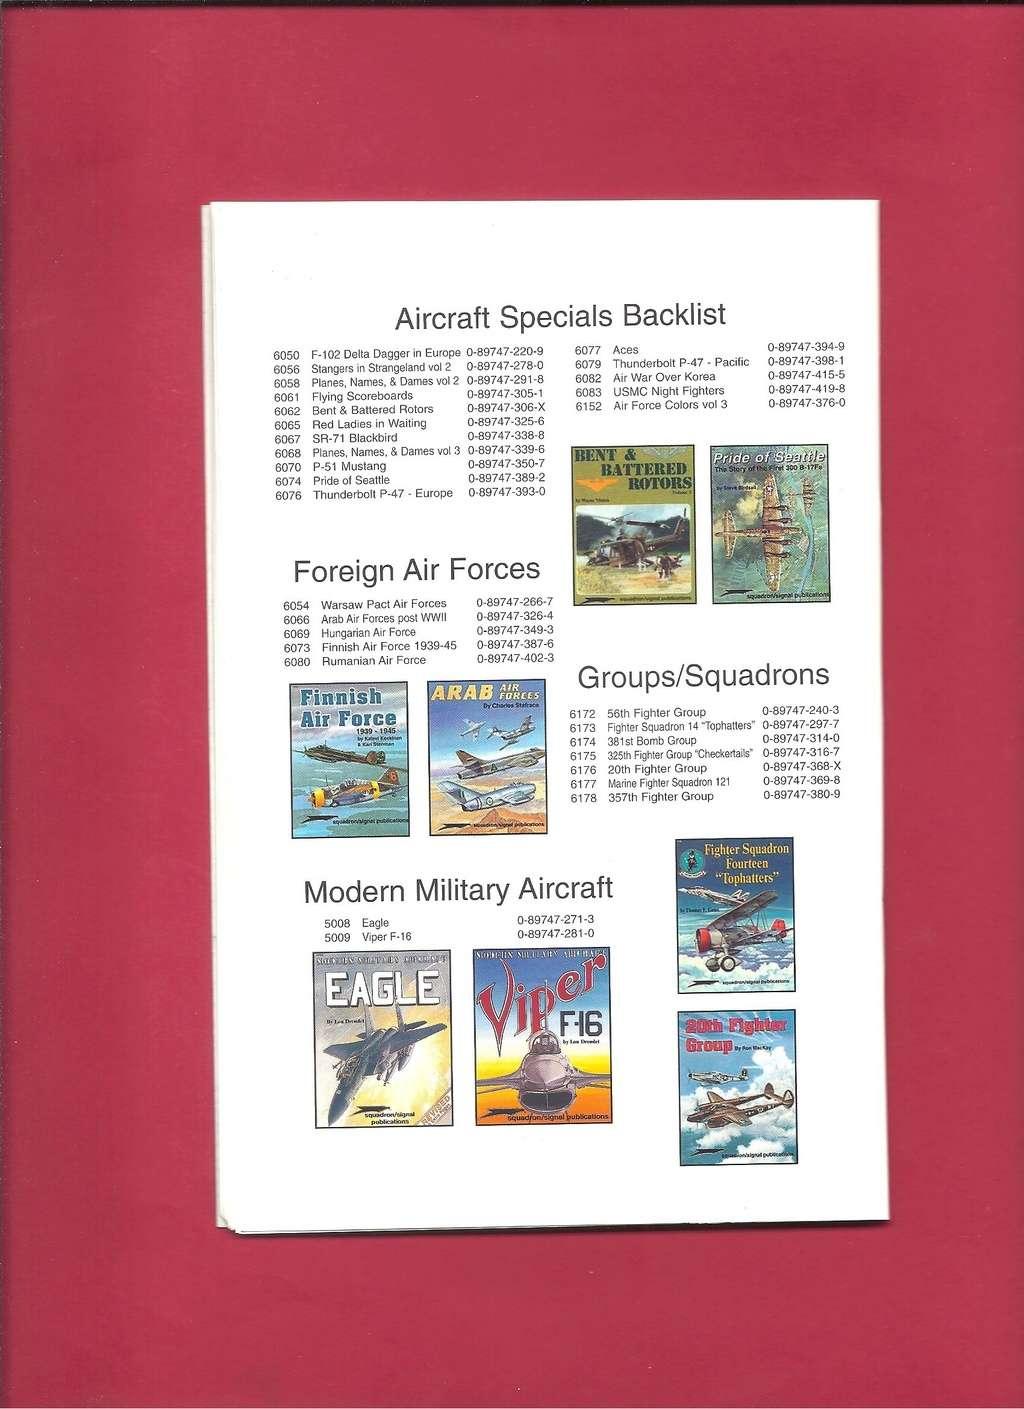 [SQUADRON /SIGNAL PUBLICATIONS 2001] Catalogue printemps 2001 Squadr49